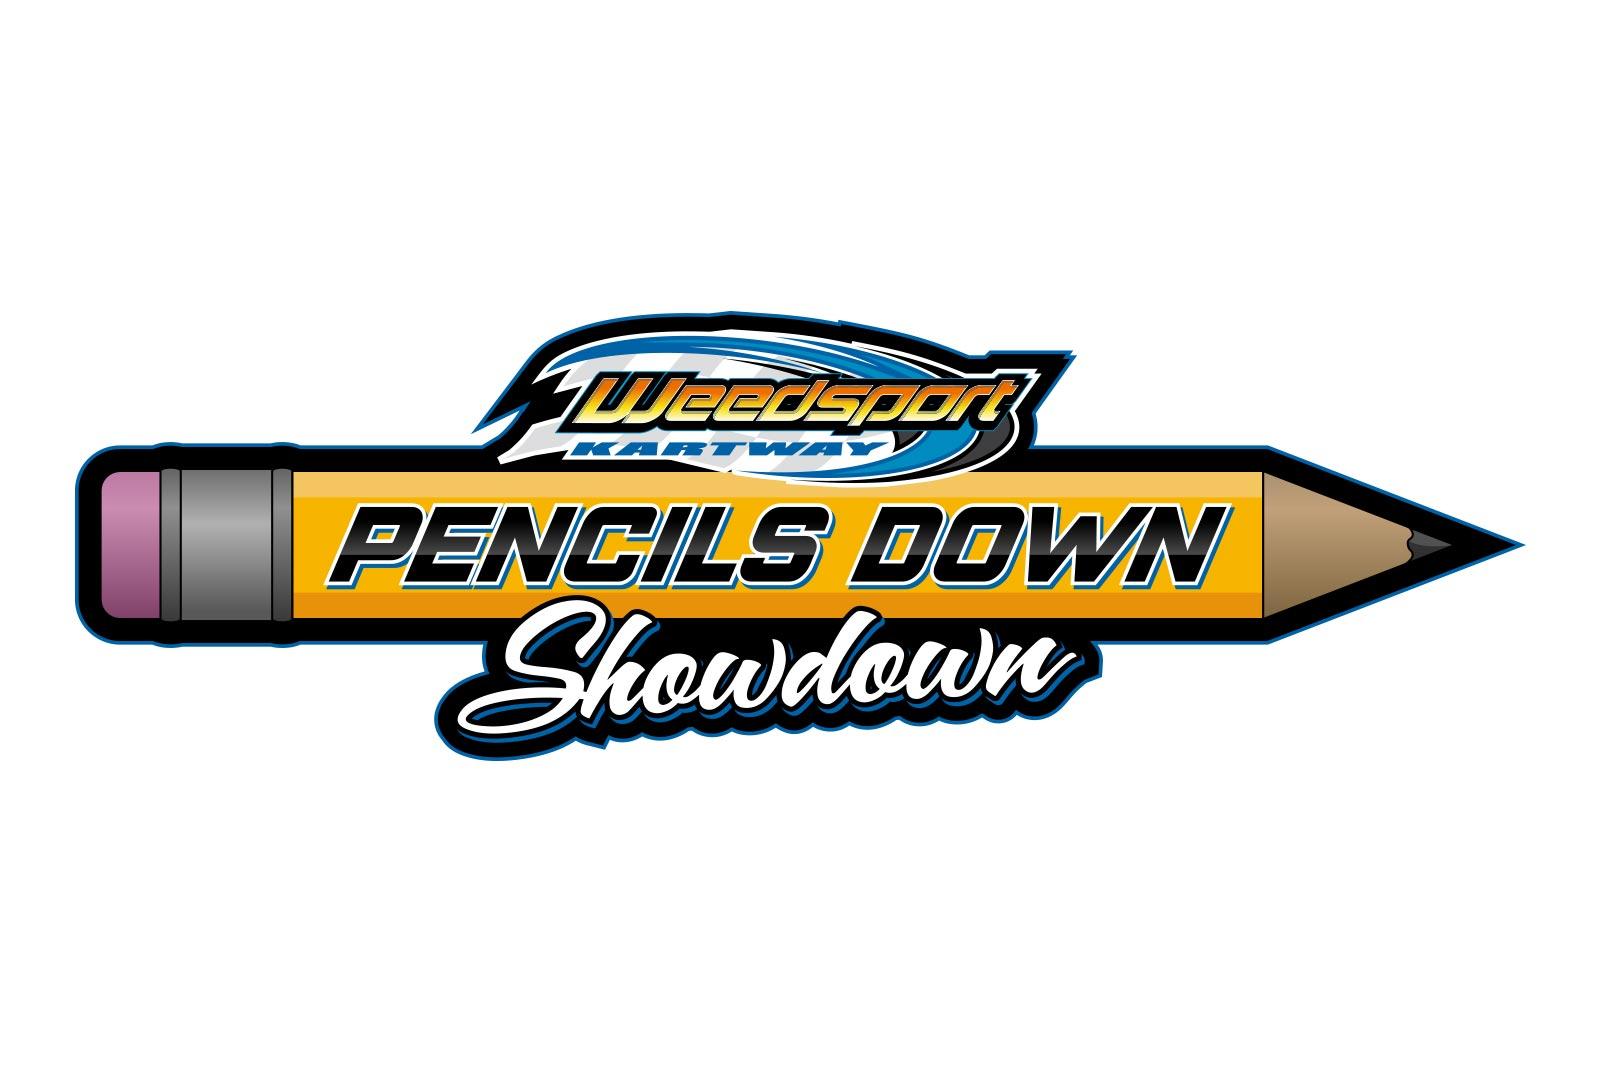 July 7  Pencils Down Showdown  Weedsport Speedway